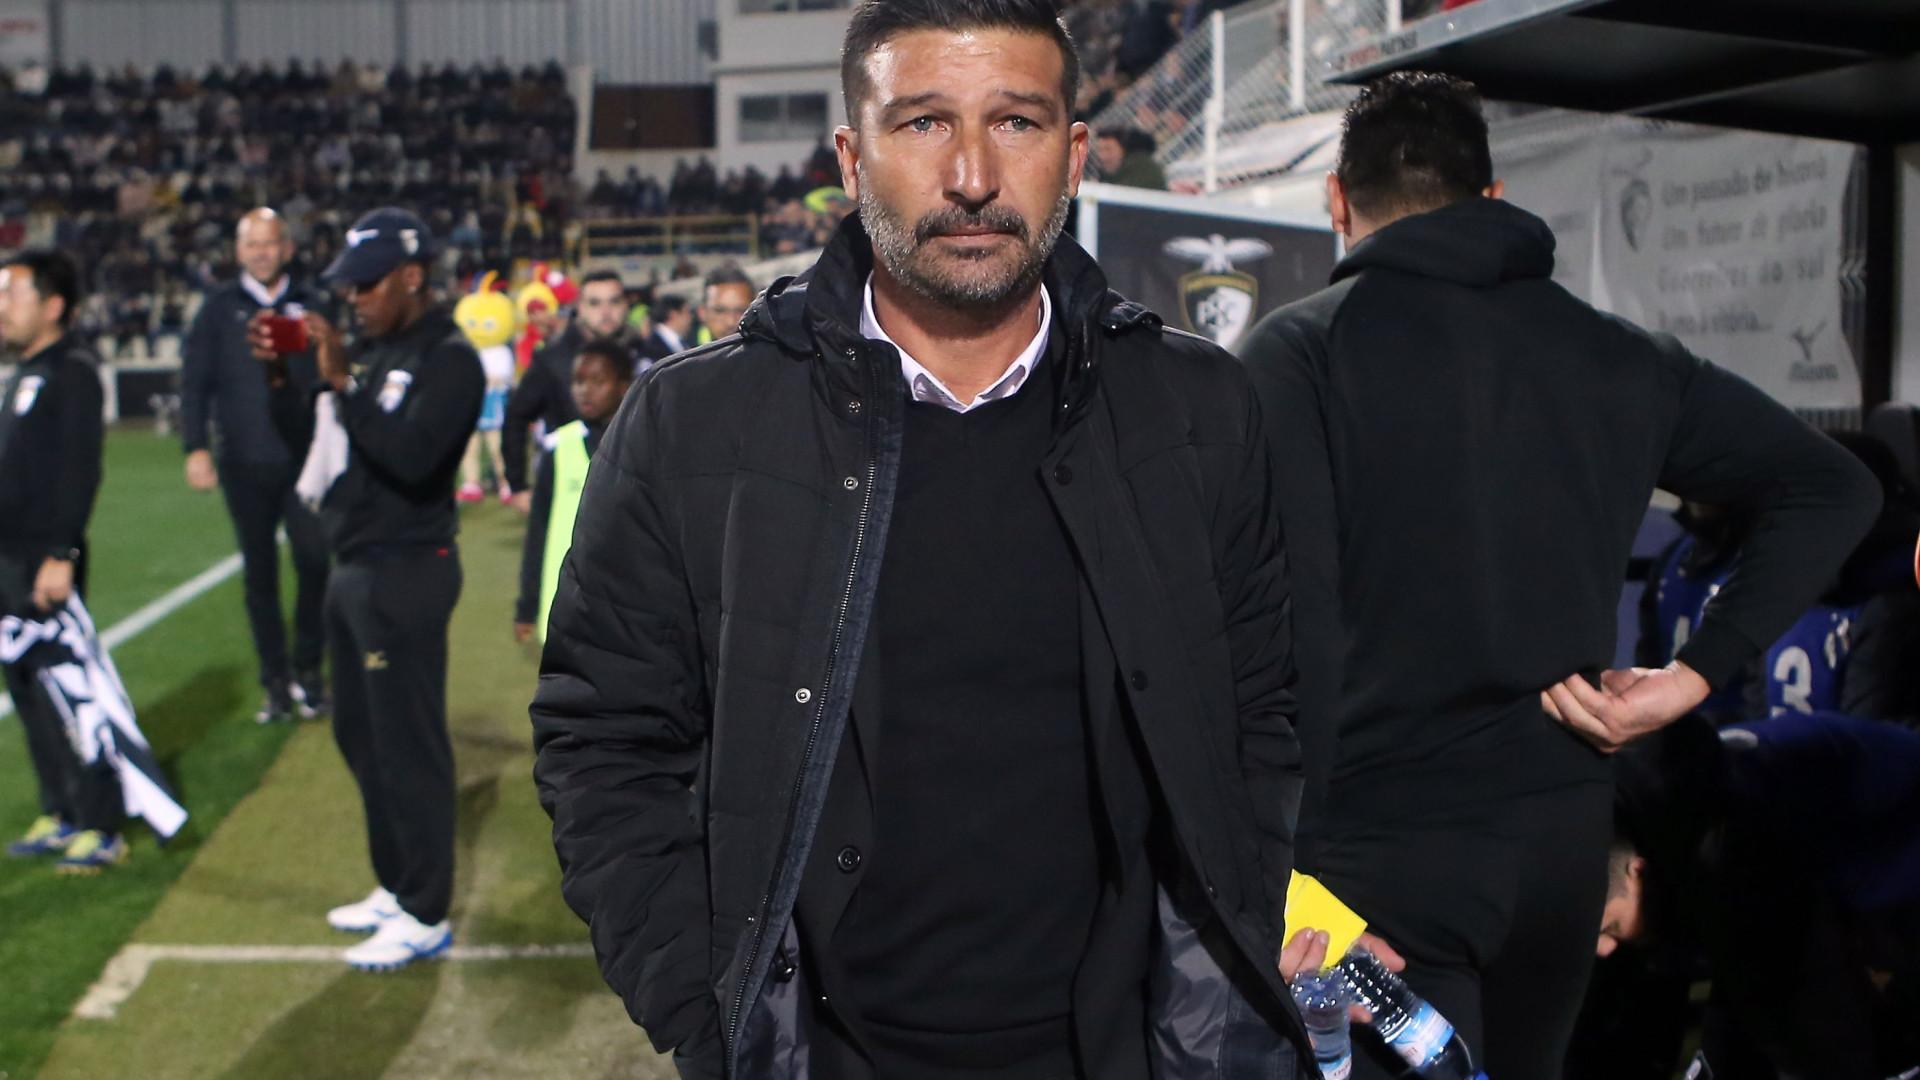 """Folha arrasador: """"Há clubes que não deixam os árbitros em paz"""""""